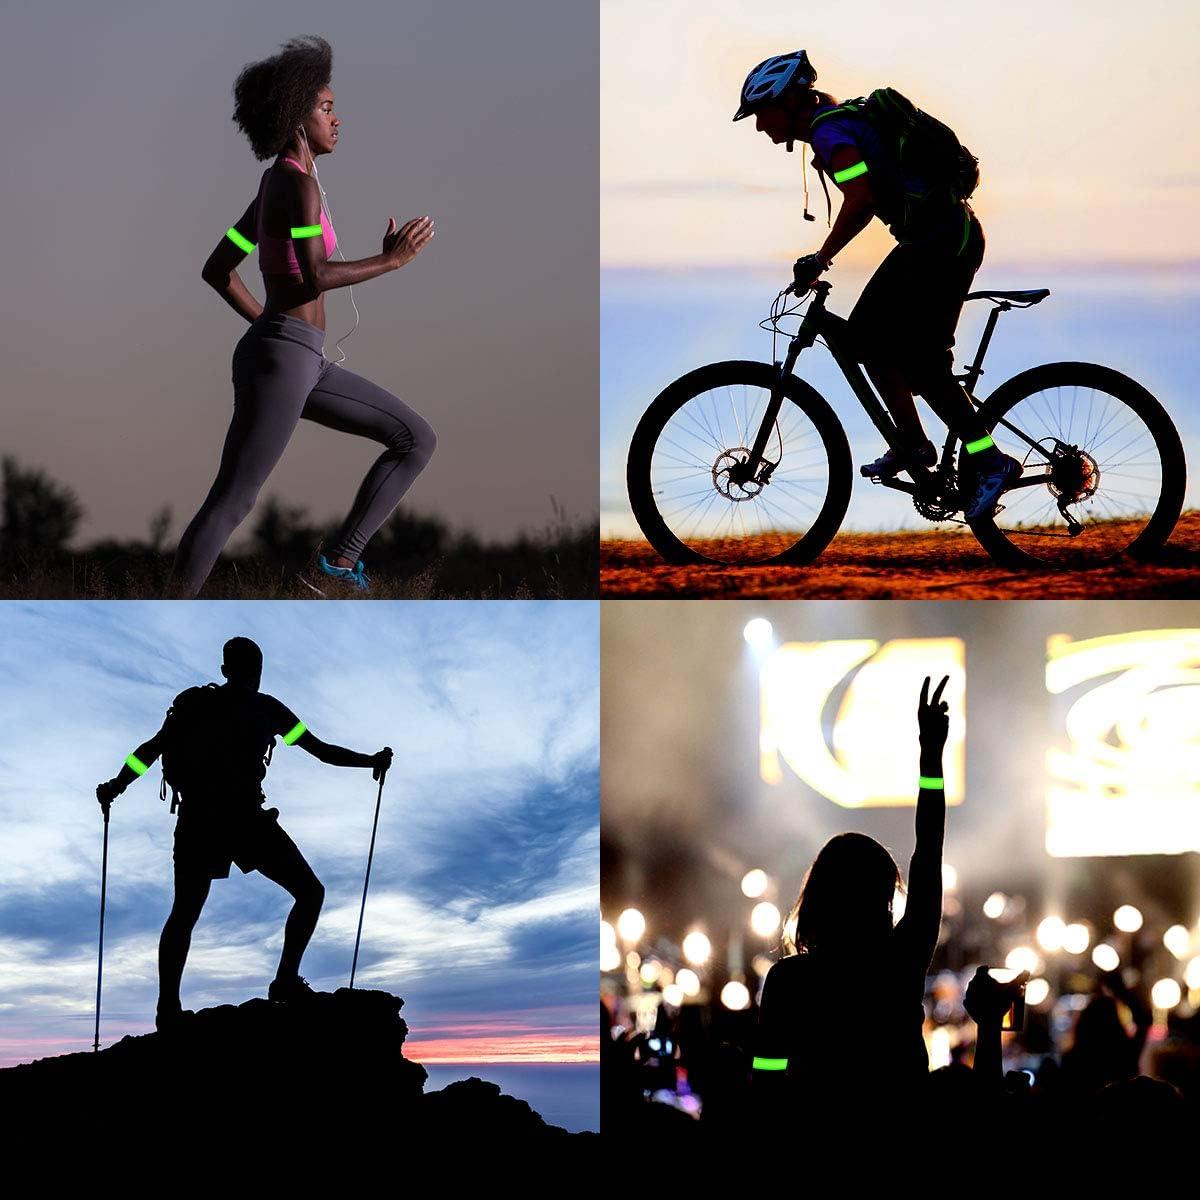 Leuchtarmband Reflektorband Laufen Reflektor Bein Dusor LED Leuchtband Jogger Kn/öchel Laufen Licht f/ür Handgelenk Arm Lauflicht LED Reflektoren Joggen Sicherheitslicht Kinder